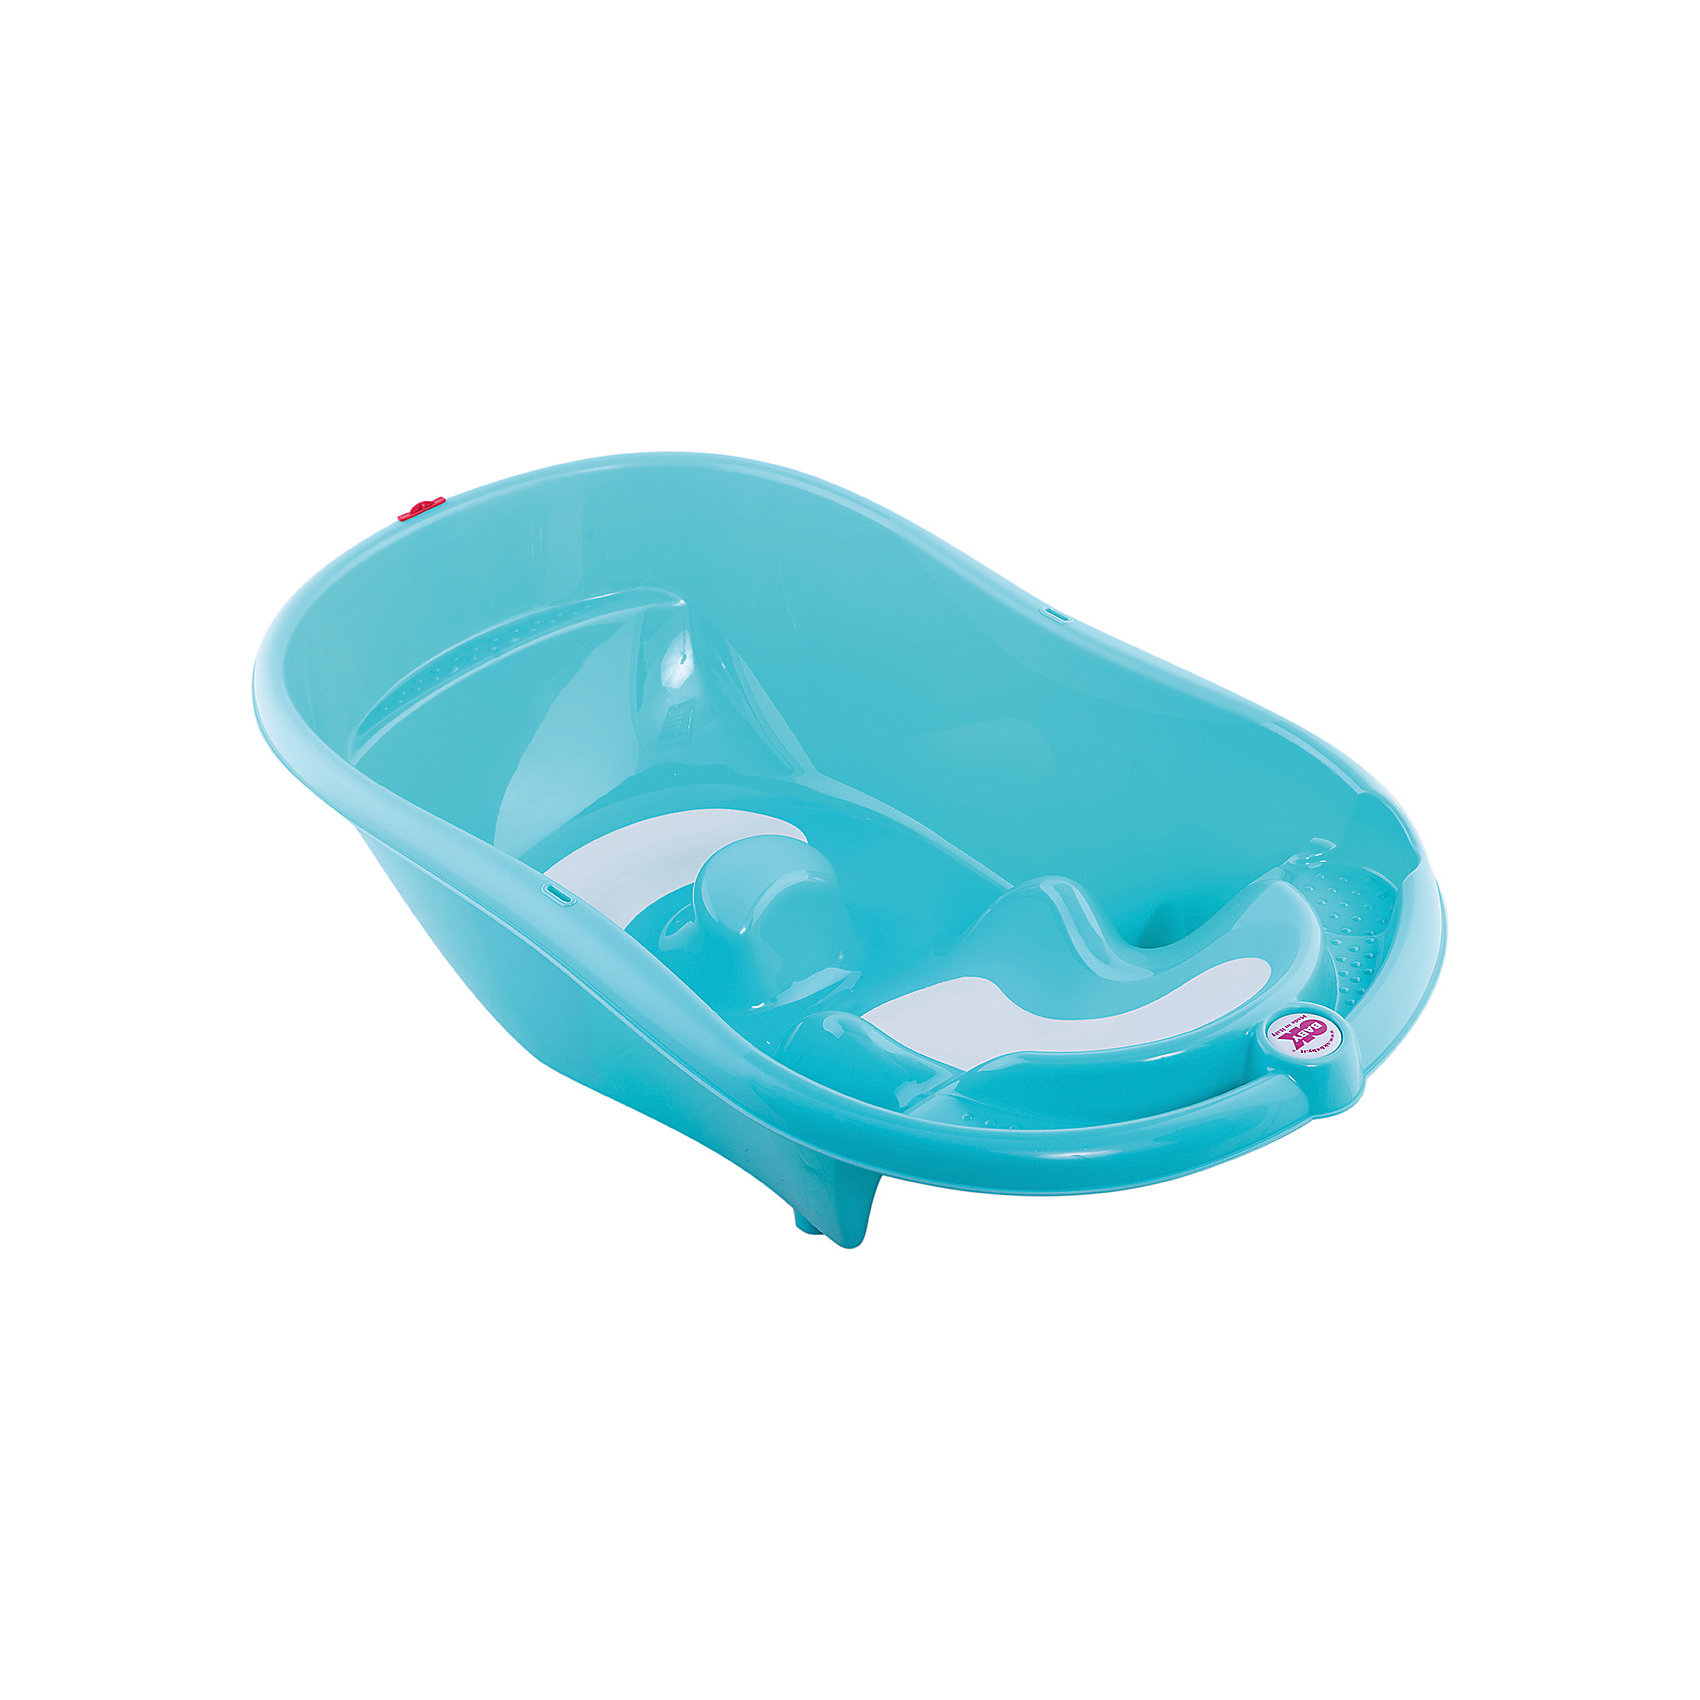 Ванна Onda Evolution, OK Baby, синий прозрачный